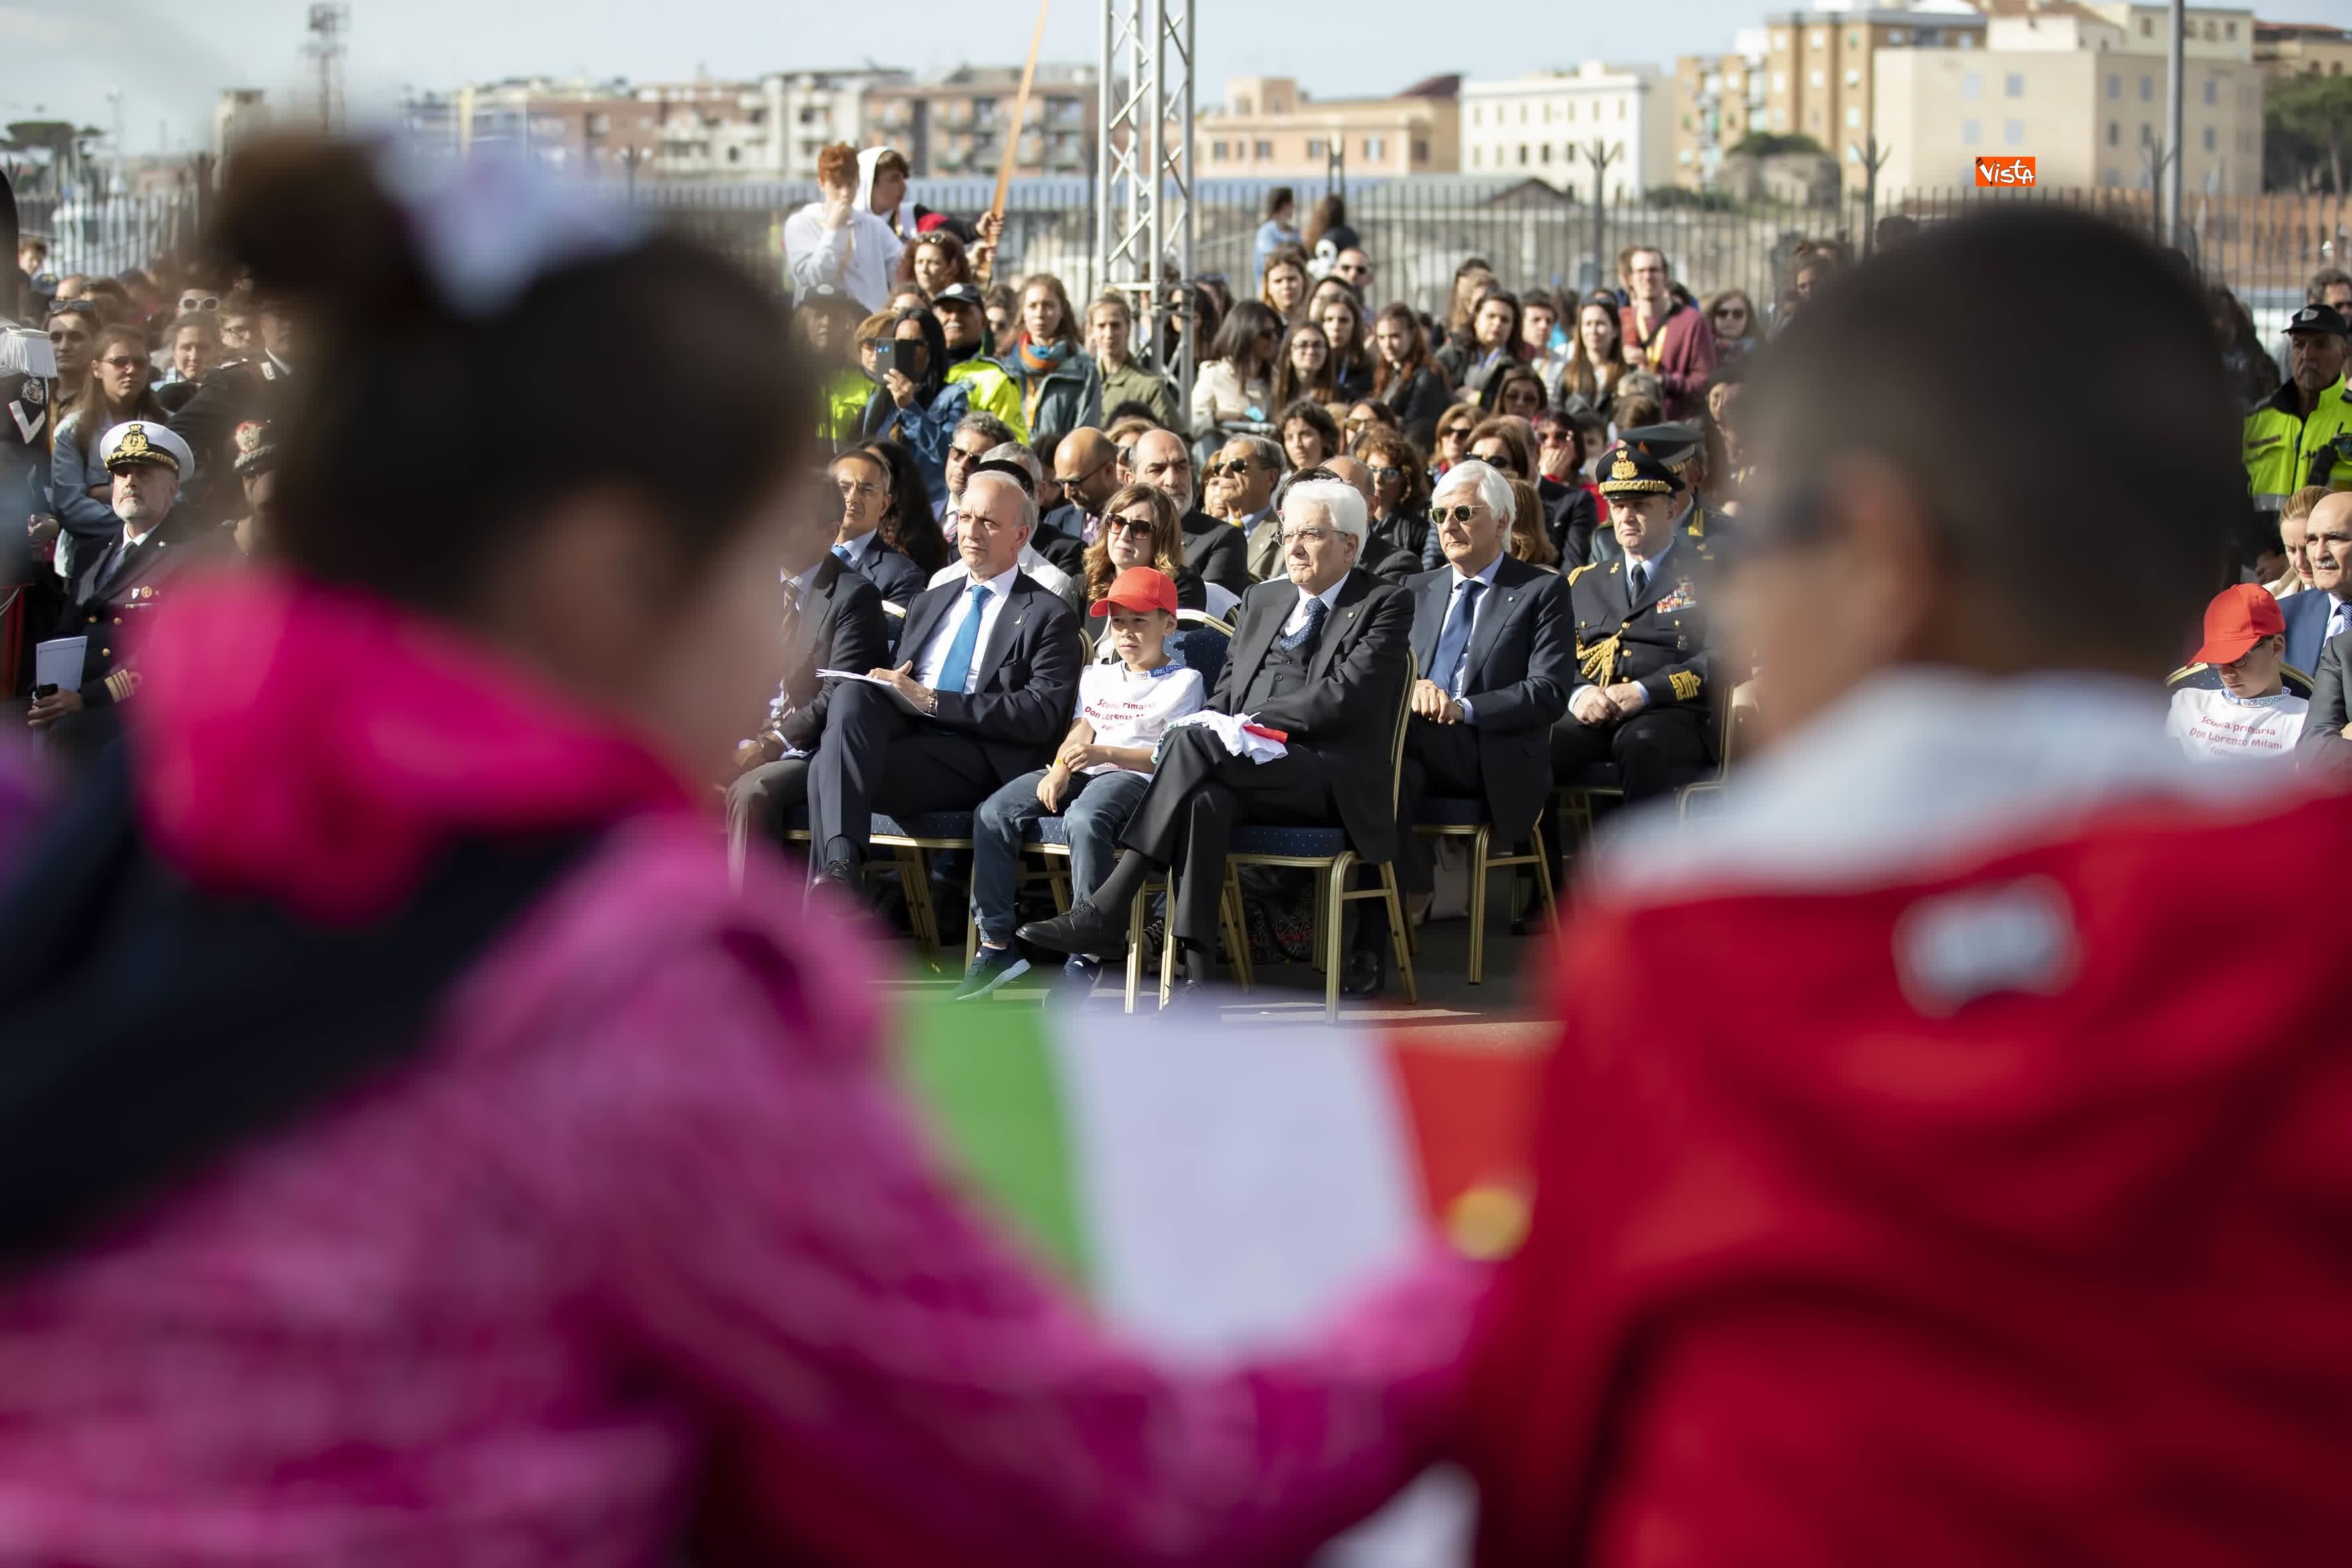 22-05-19 Il presidente Mattarella all'inaugurazione della nave della legalita